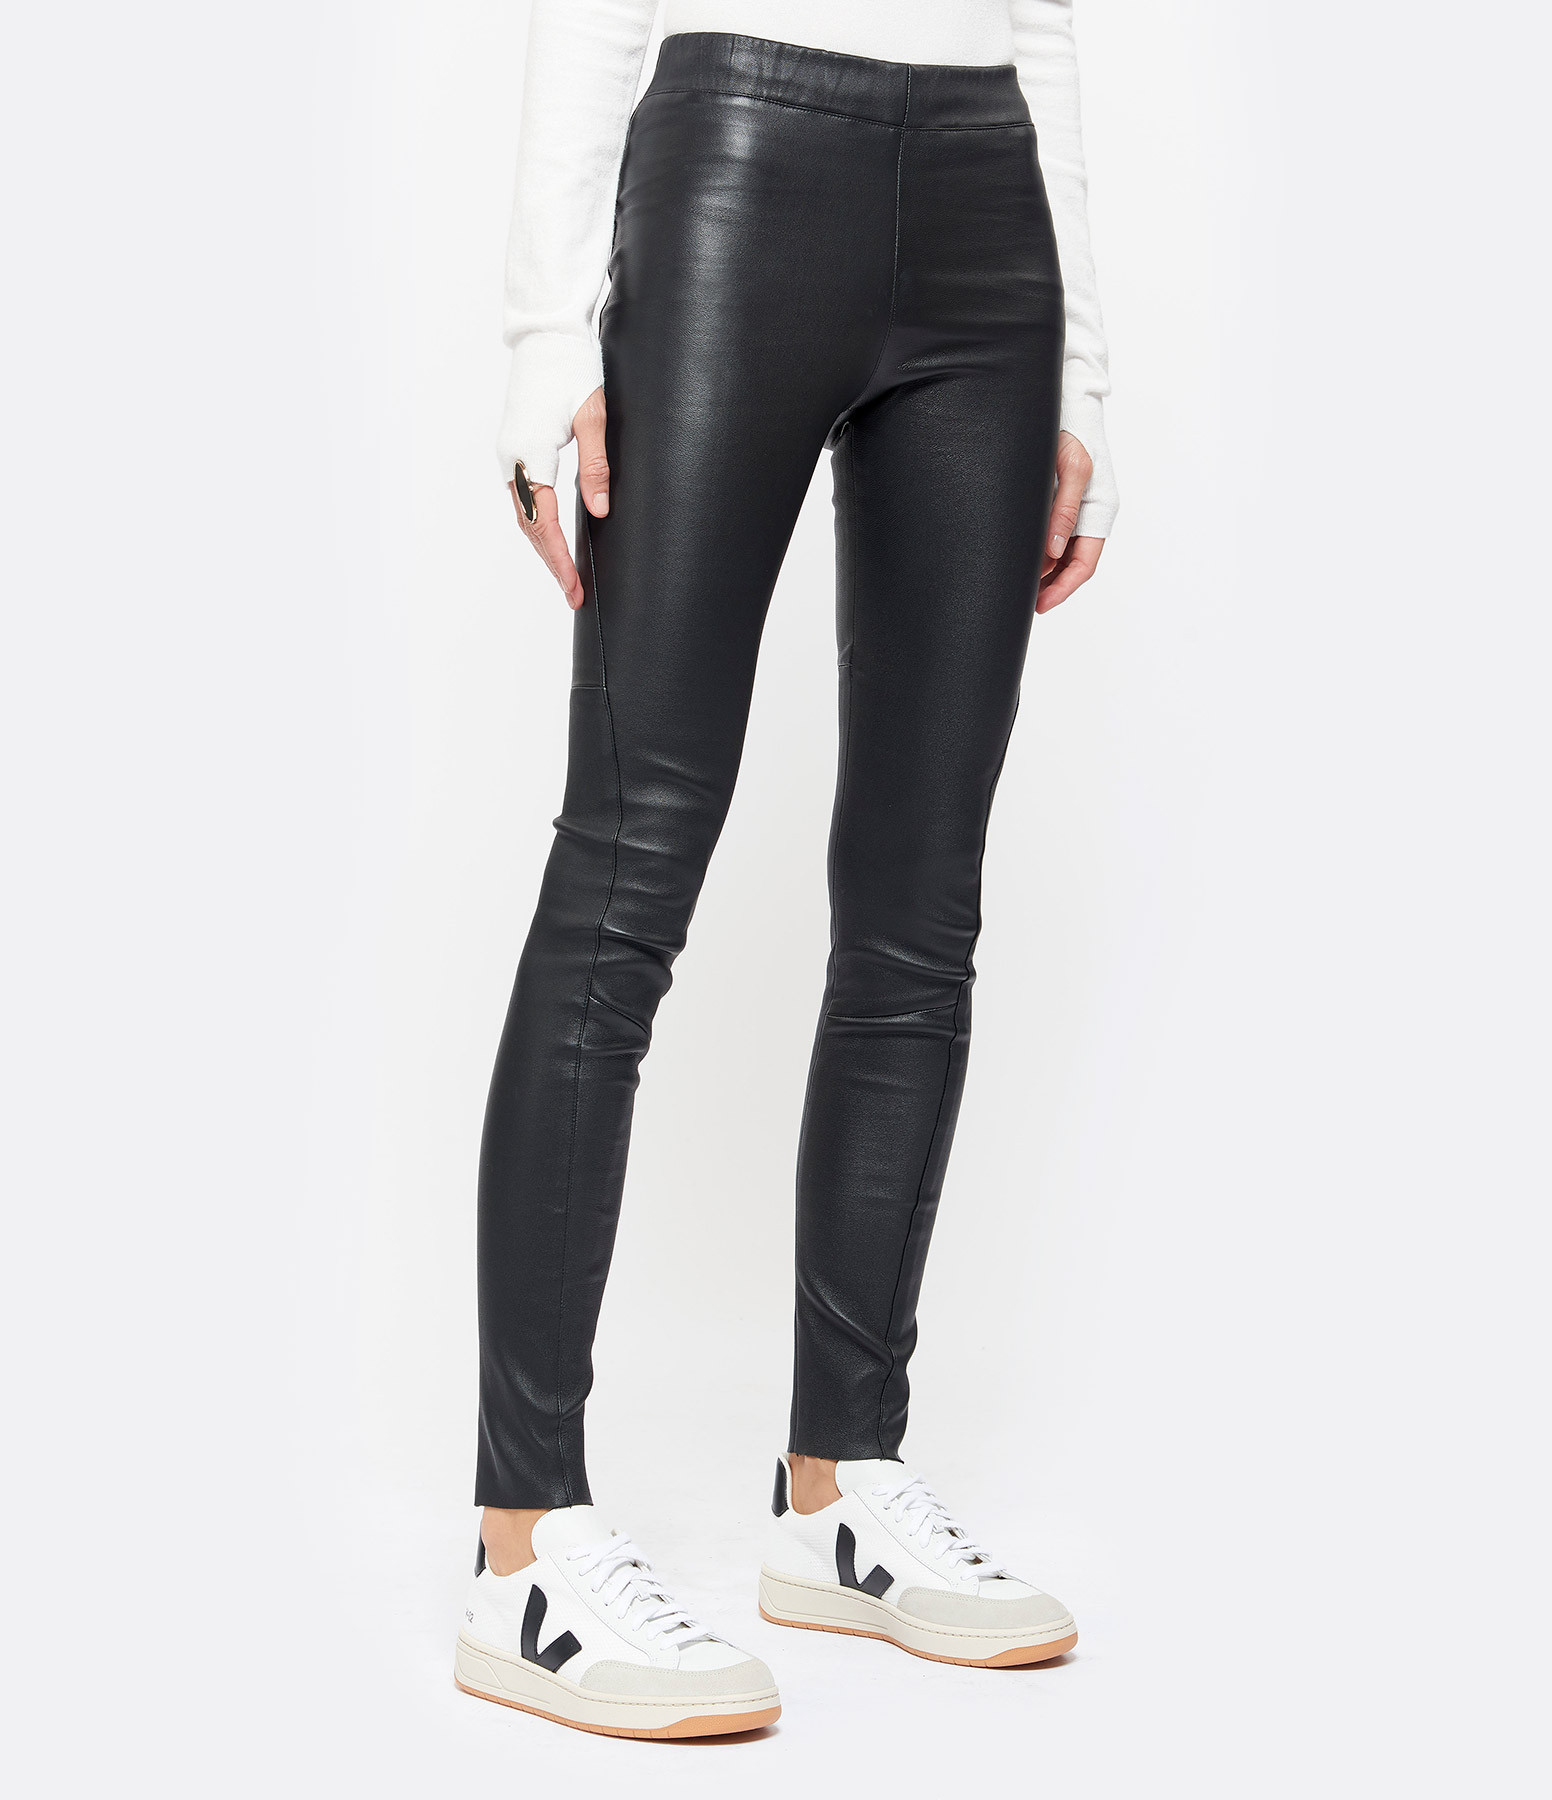 VENTCOUVERT - Pantalon Java Agneau Stretch Noir